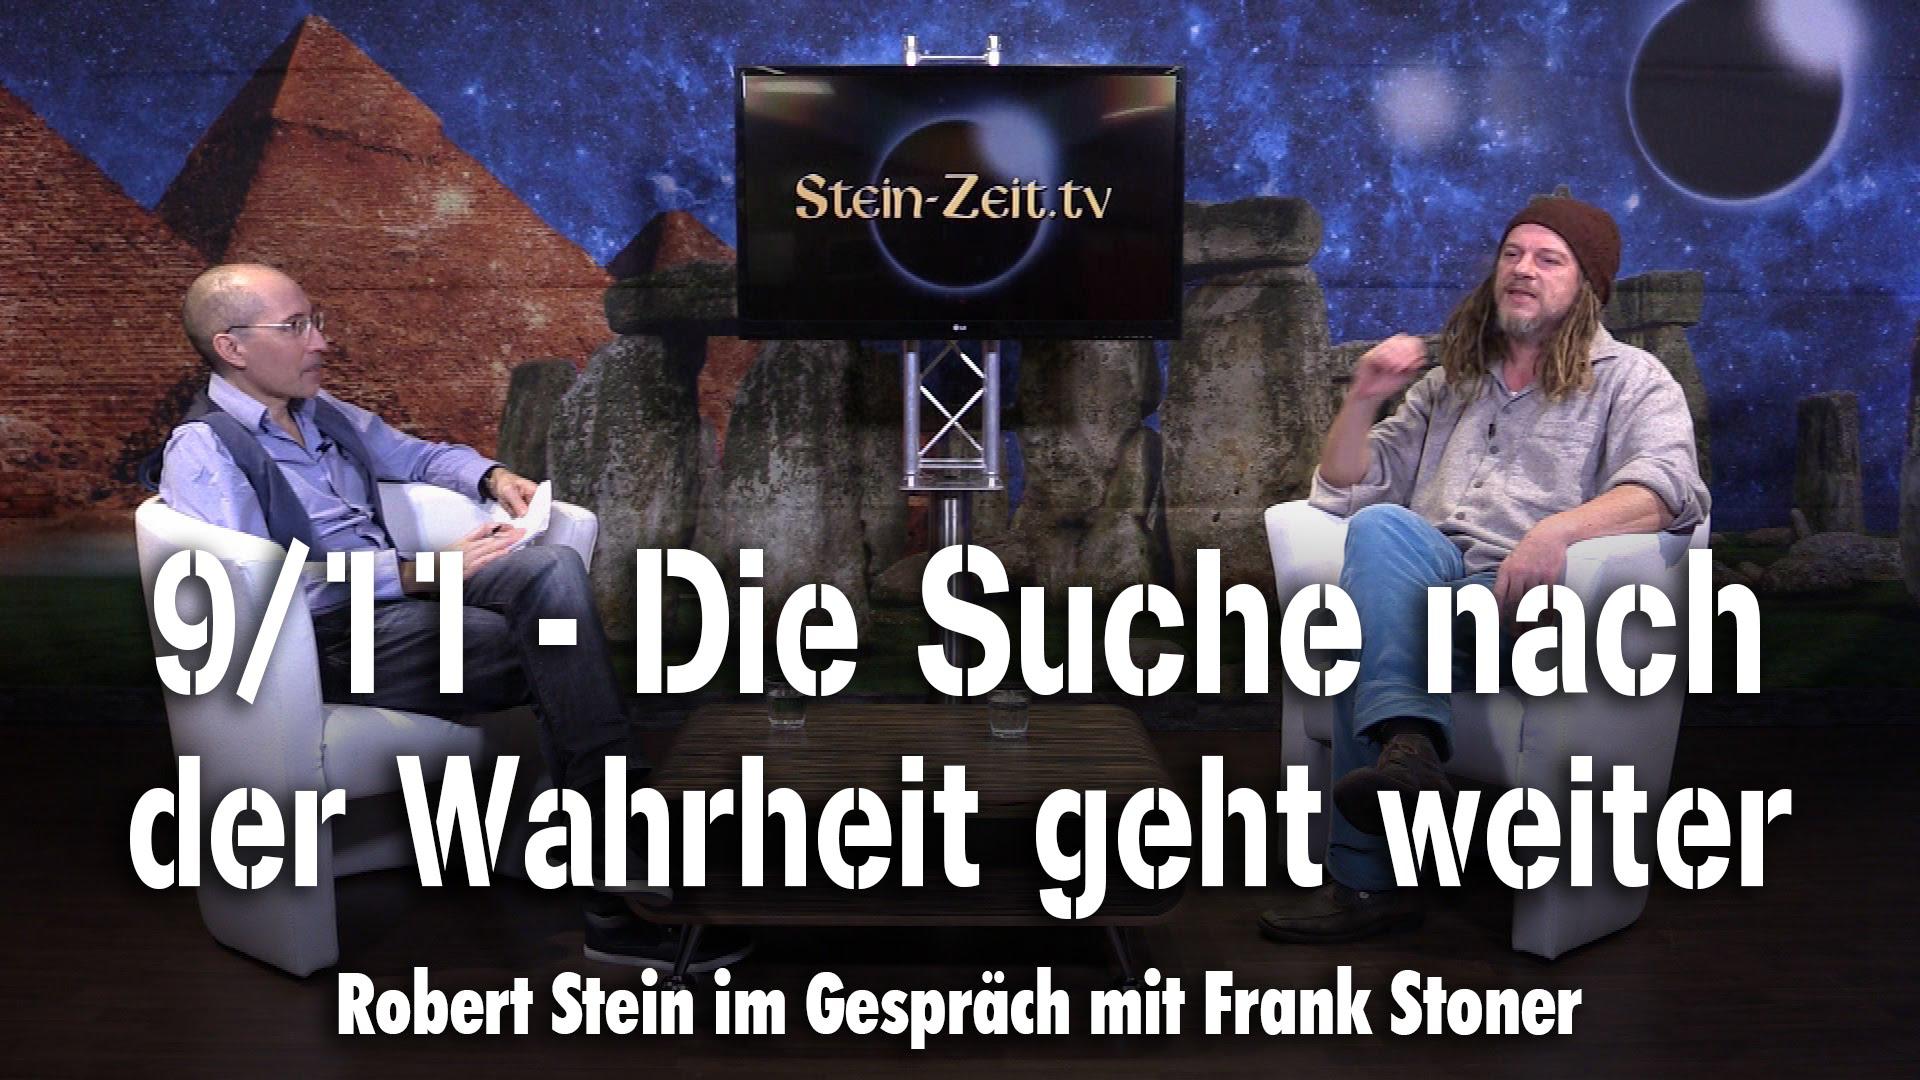 9/11 – Die Suche nach der Wahrheit geht weiter – Frank Stoner bei SteinZeit